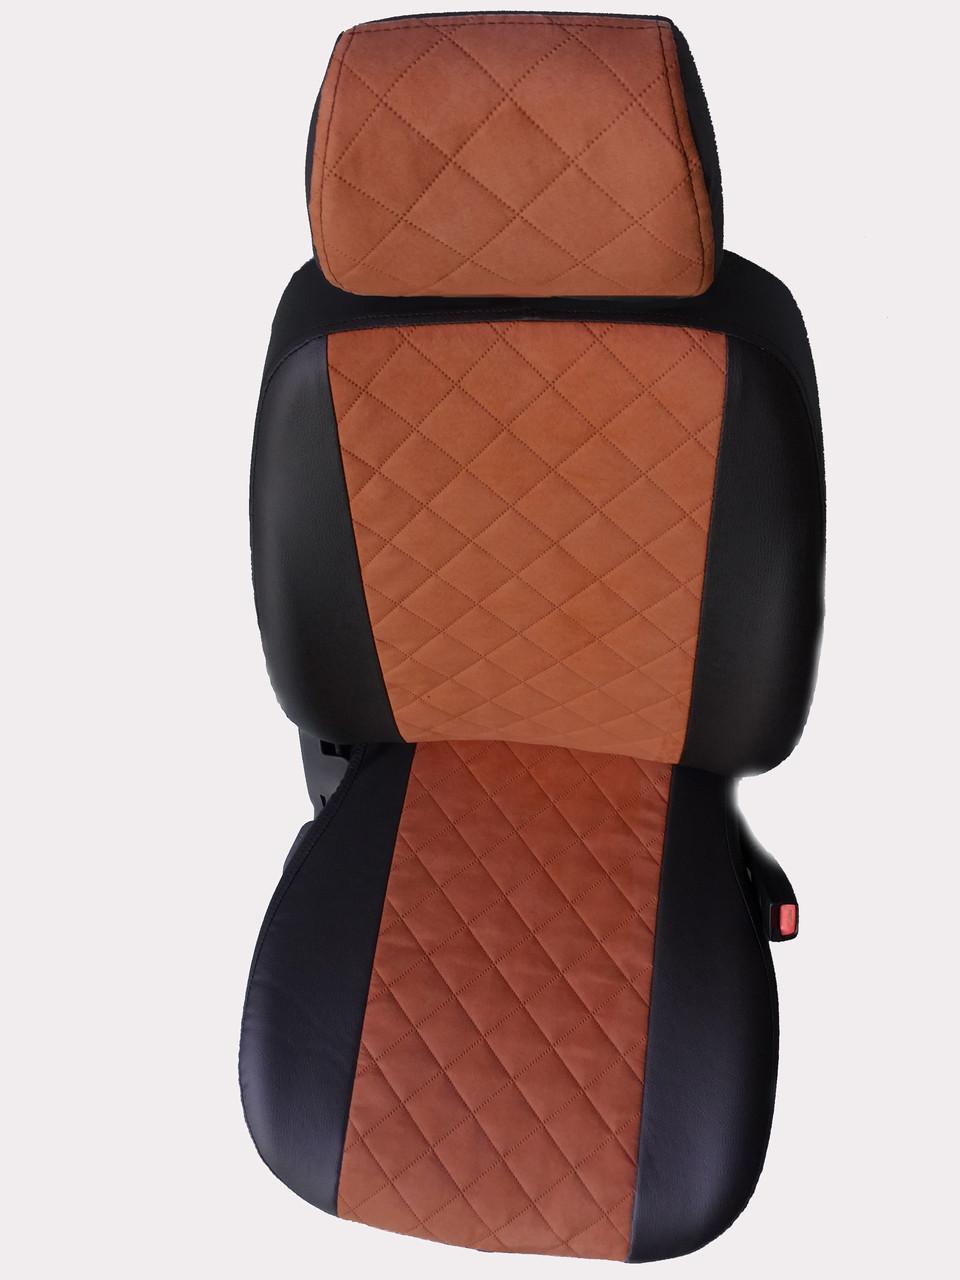 Чехлы на сиденья Хонда Аккорд (Honda Accord) (универсальные, экокожа+Алькантара, с отдельным подголовником)